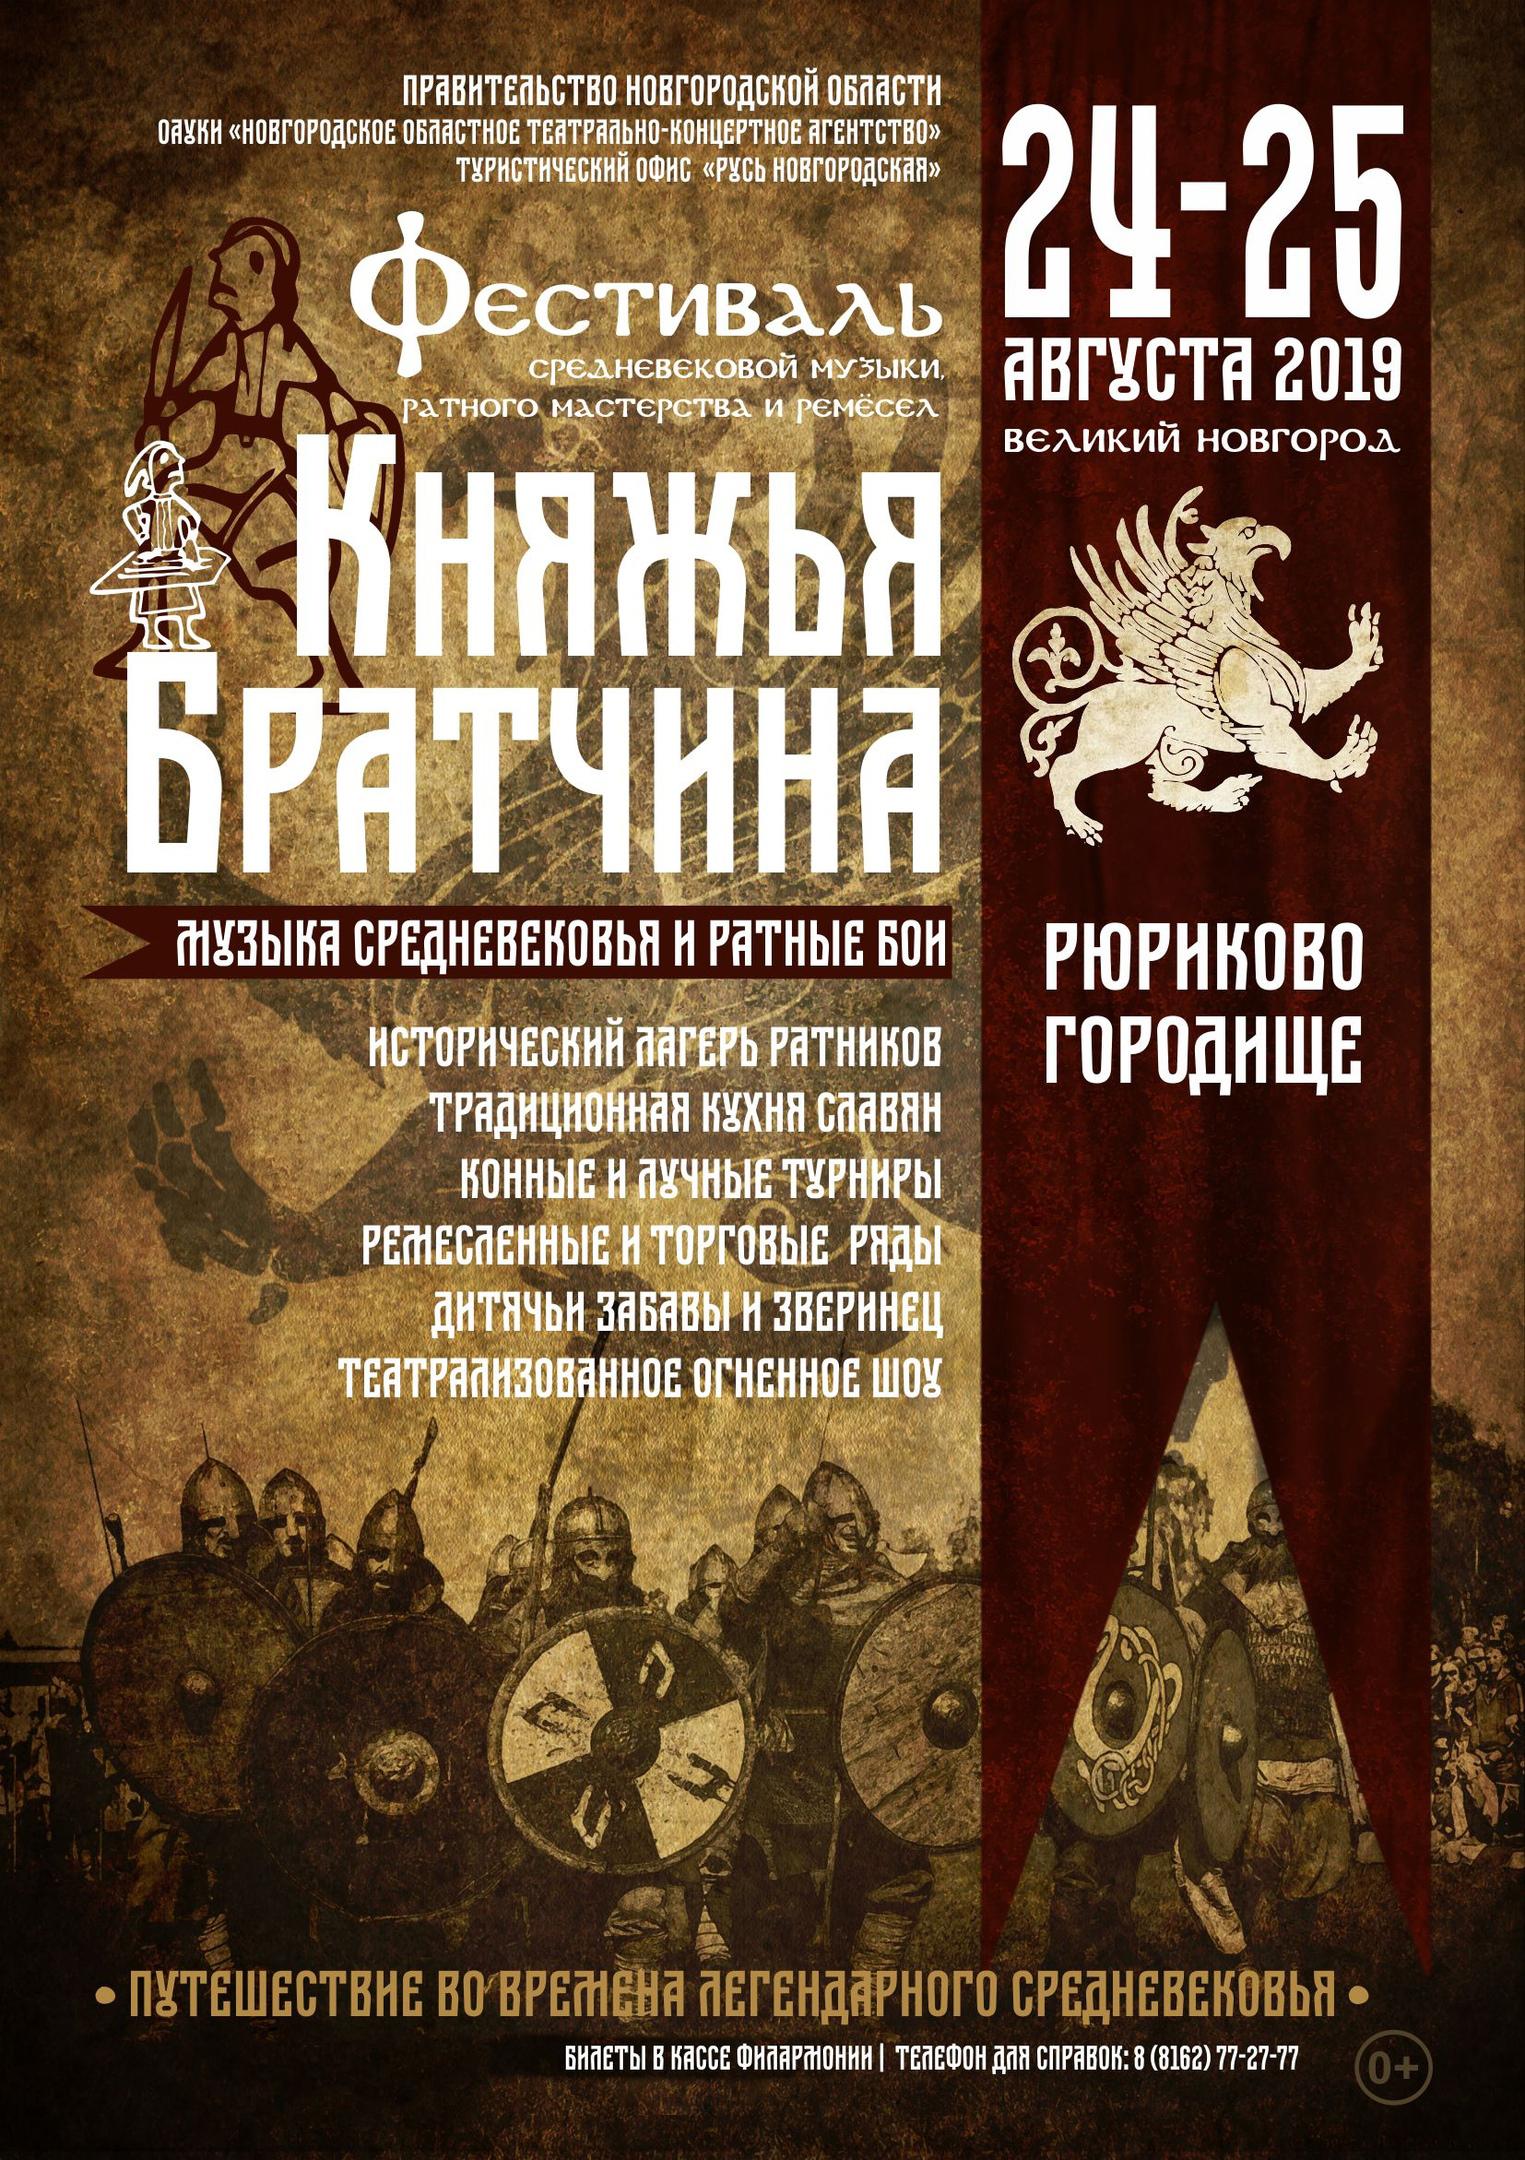 Фестиваль княжья братчина 2019. 24-25 августа 2019 года